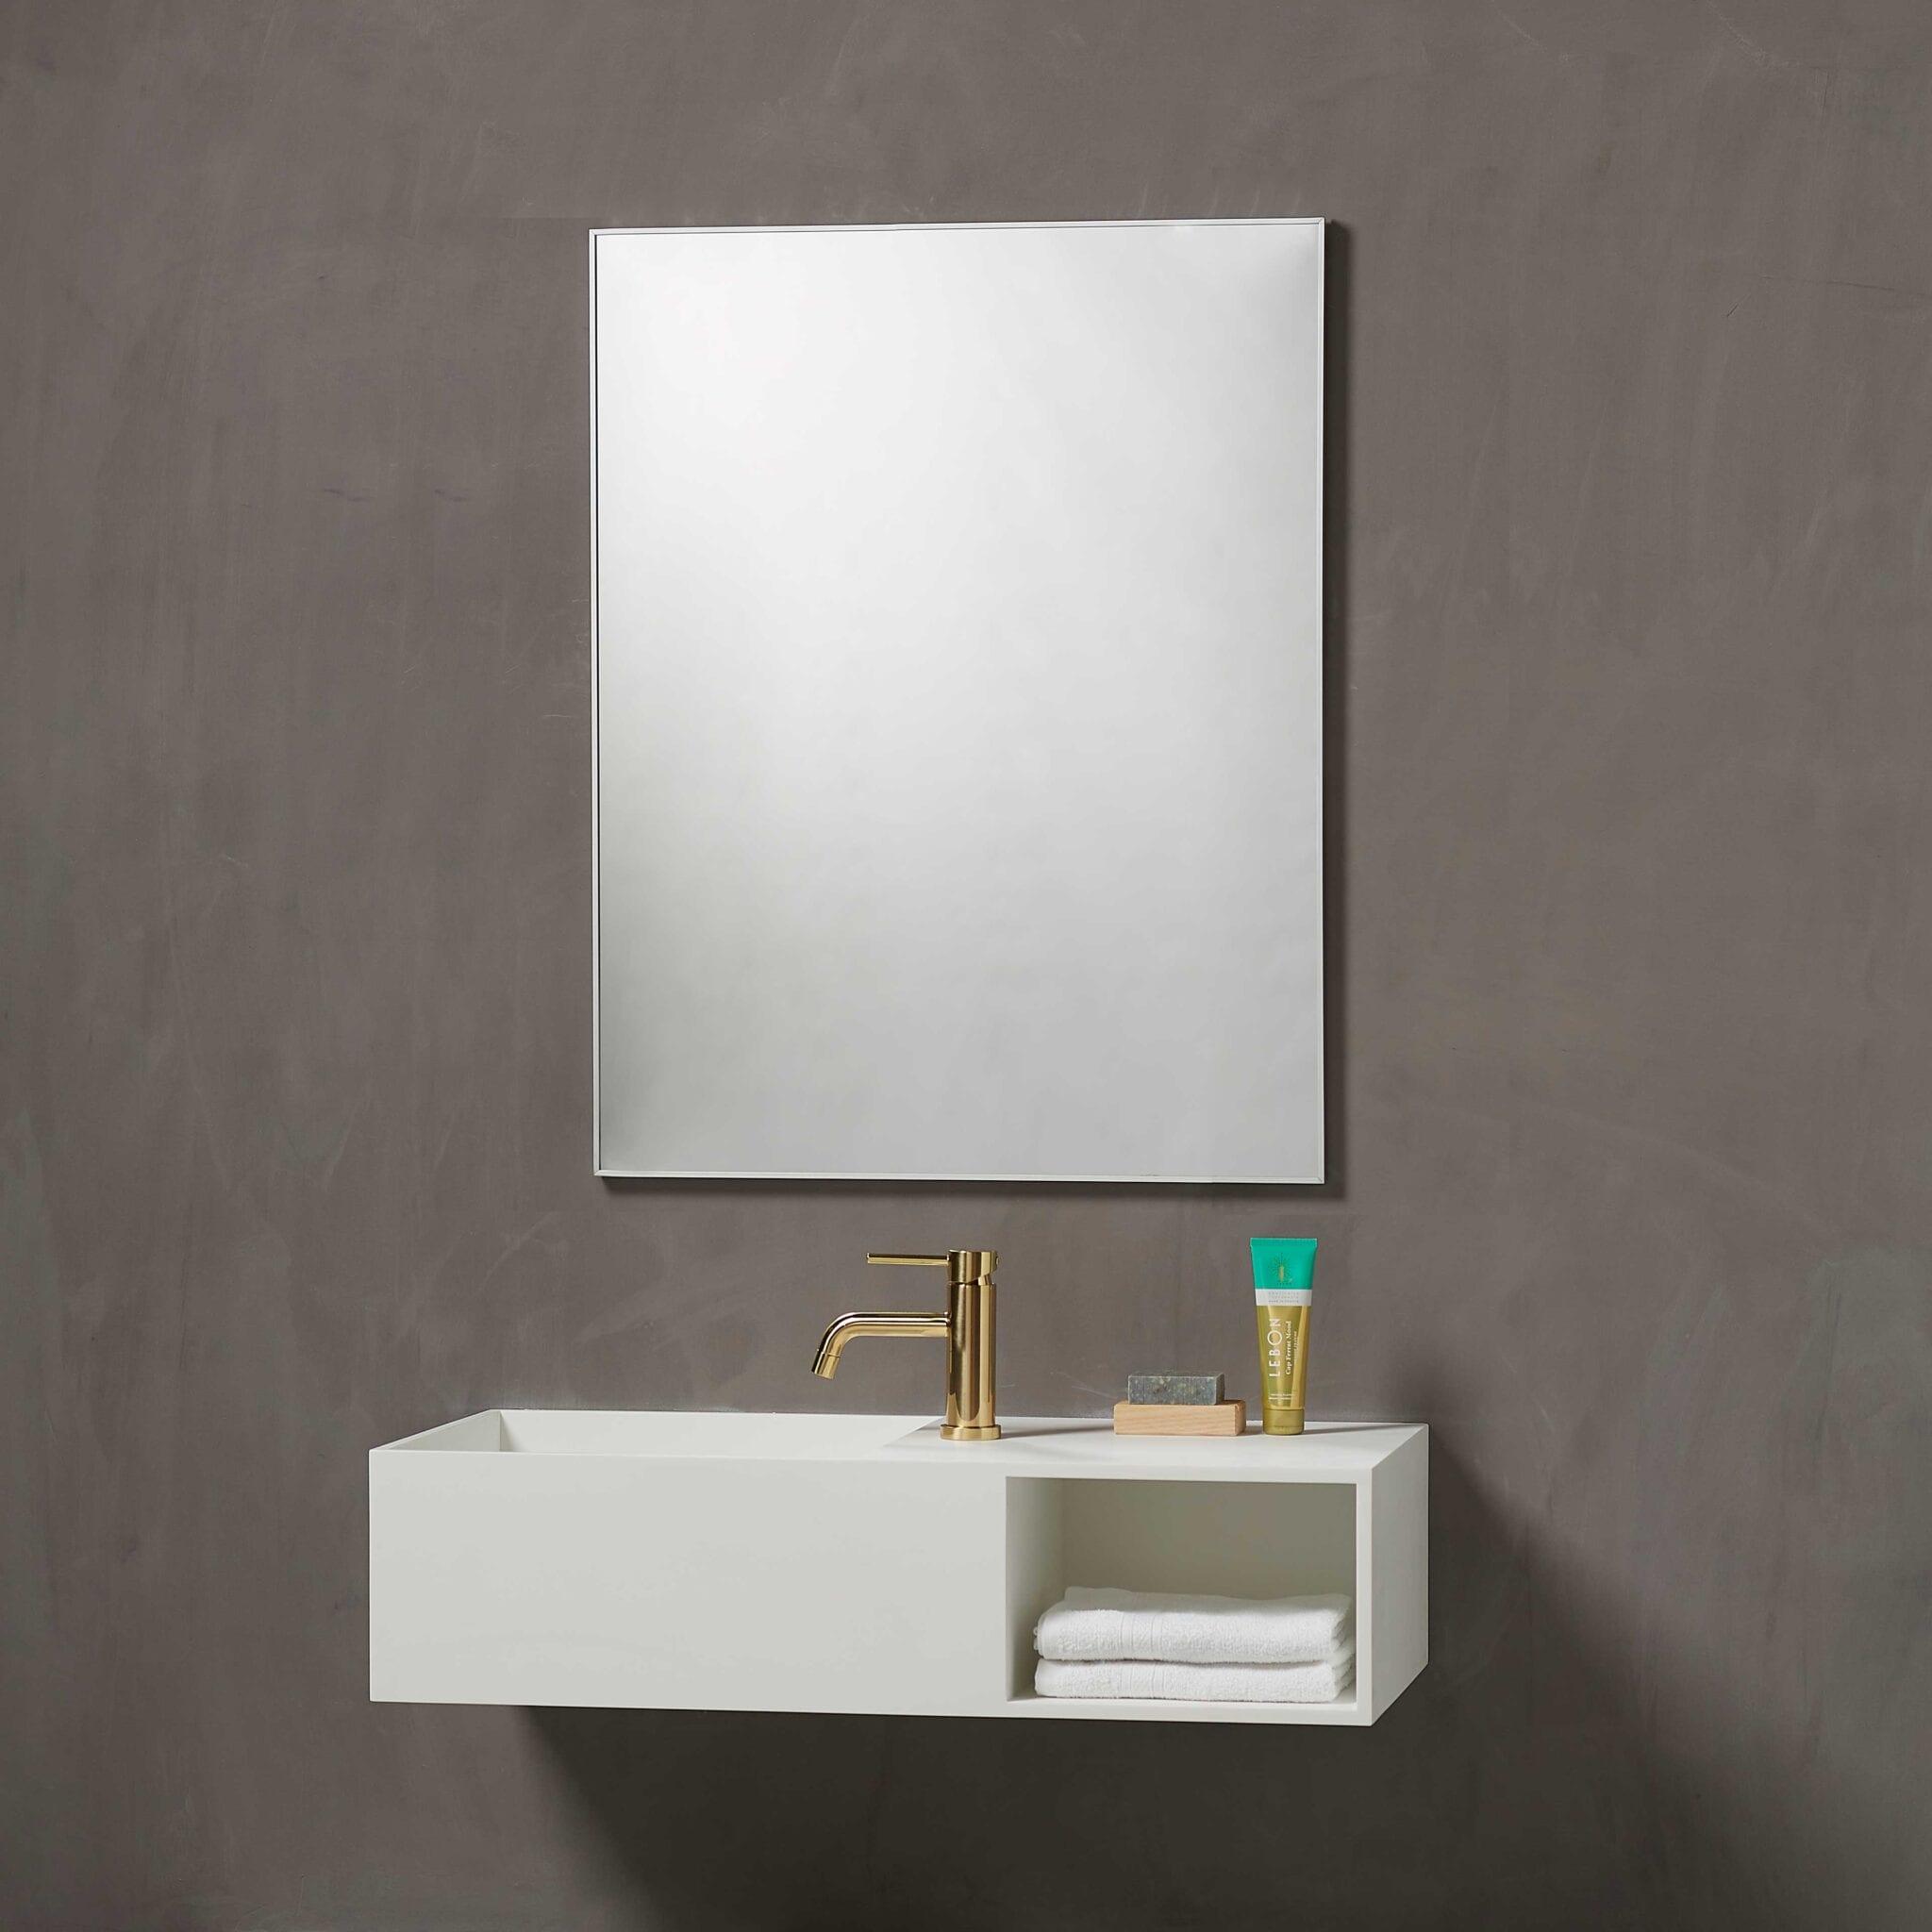 Vienna speil med aluminiumsramme 800mm x 600mm x D 16mm   Illuminor as